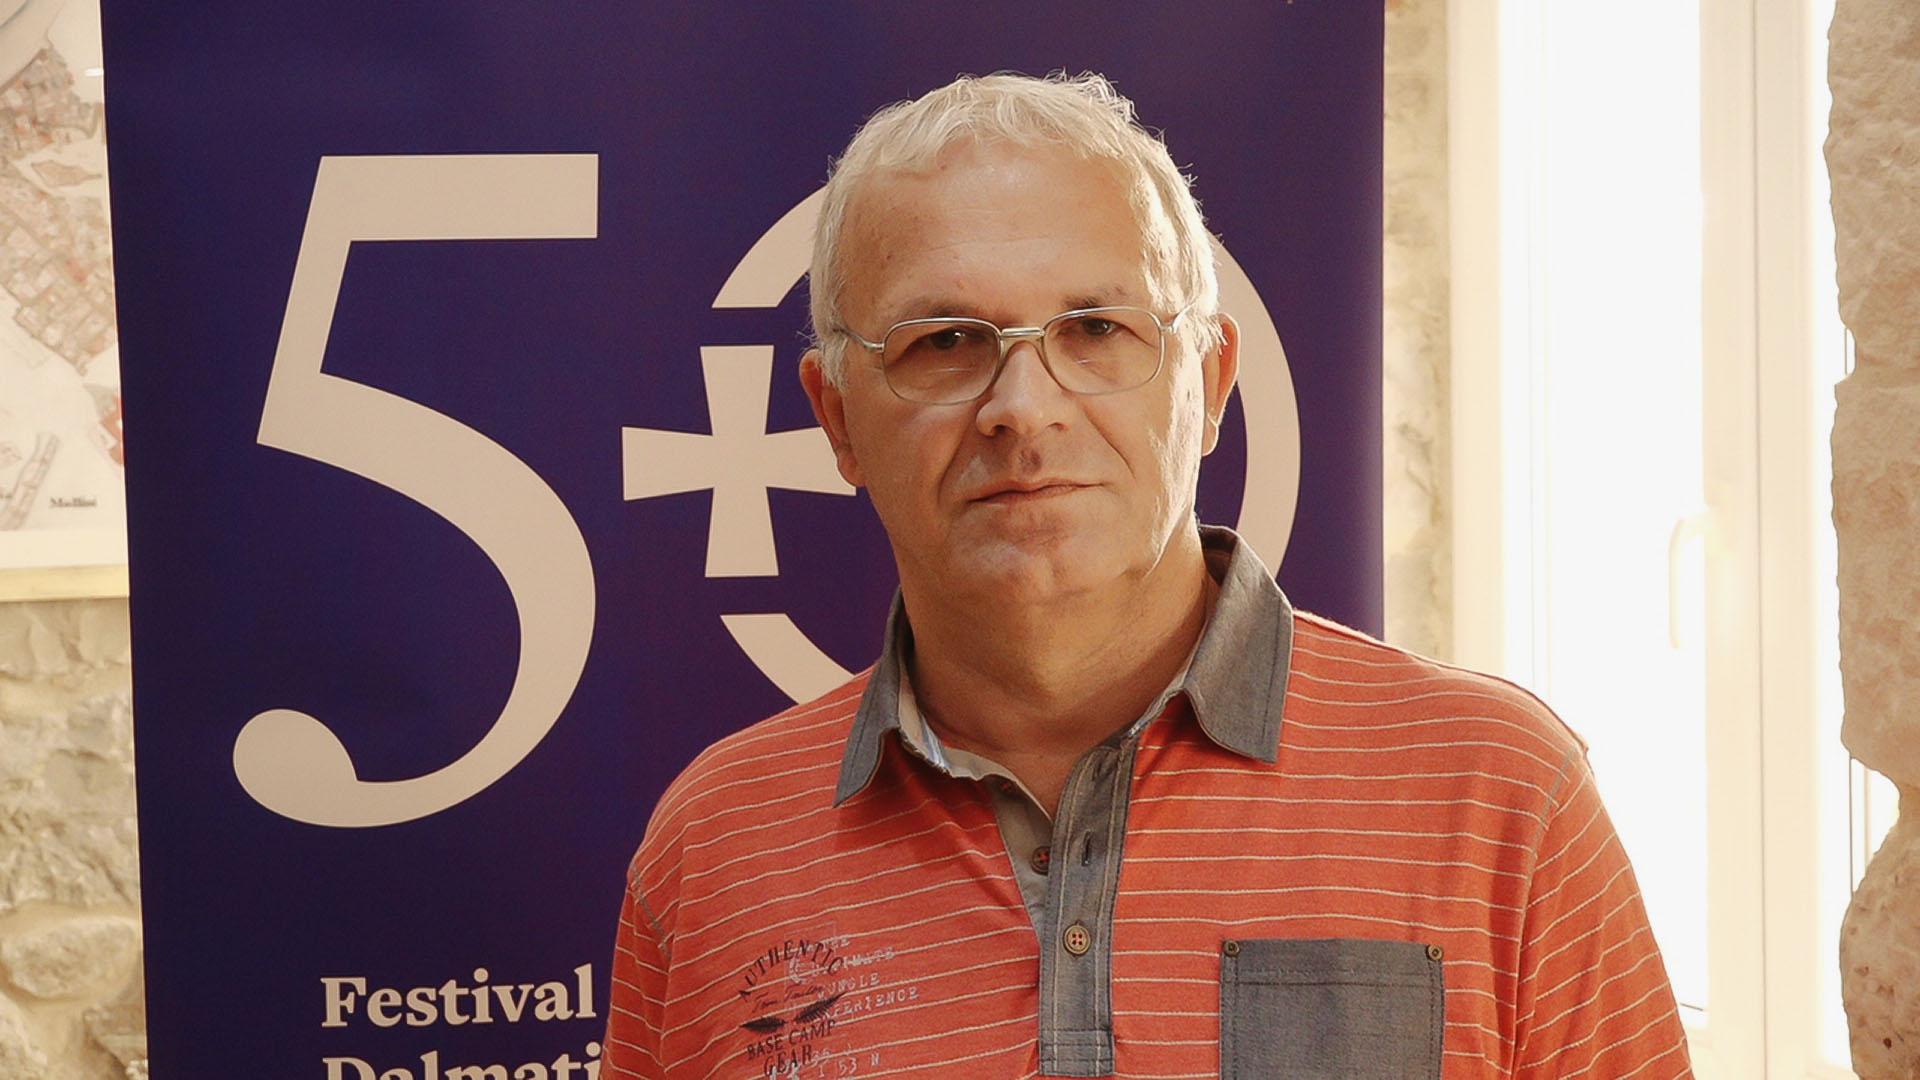 Stjepan Šutalo